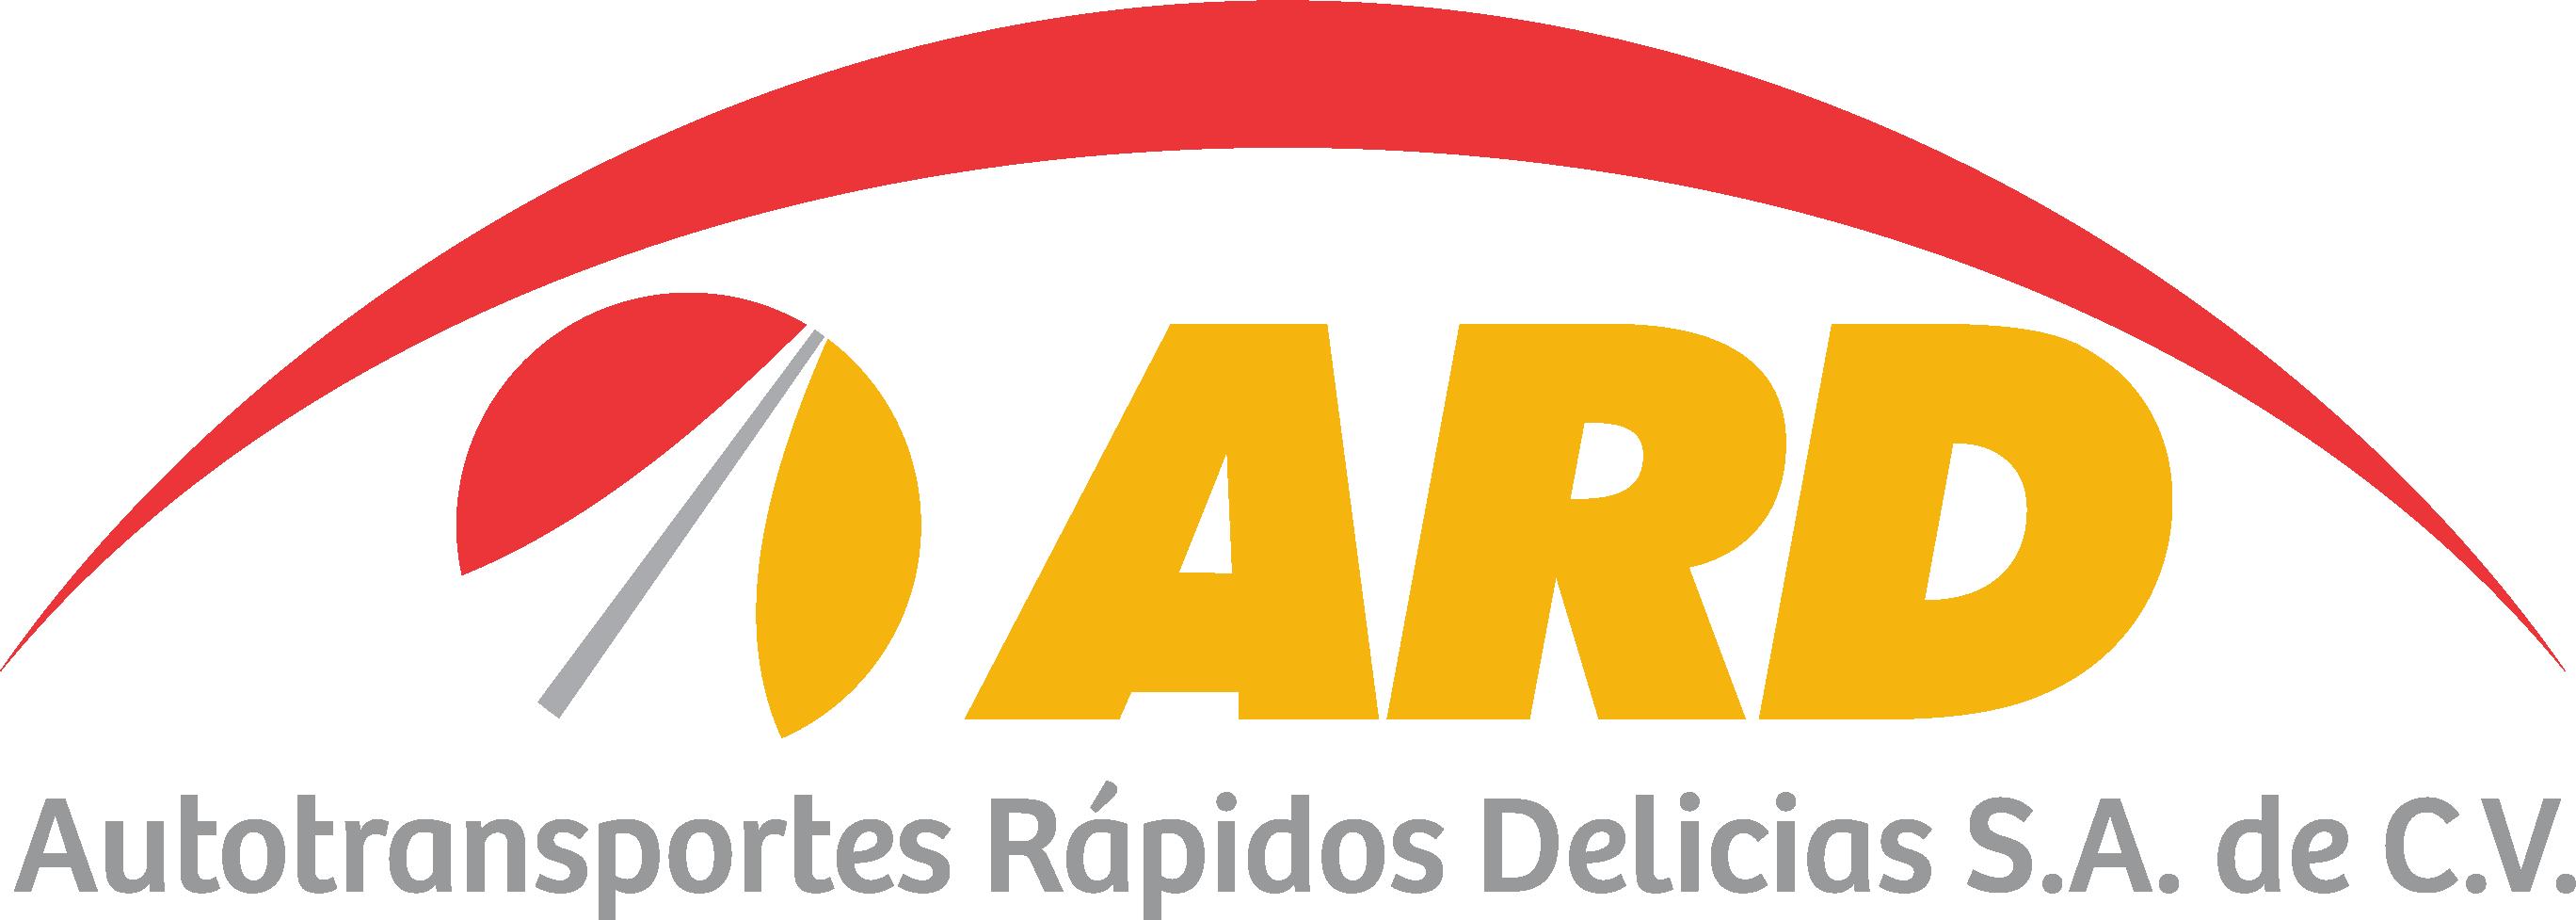 Autobuses Autotransportes Rápidos Delicias